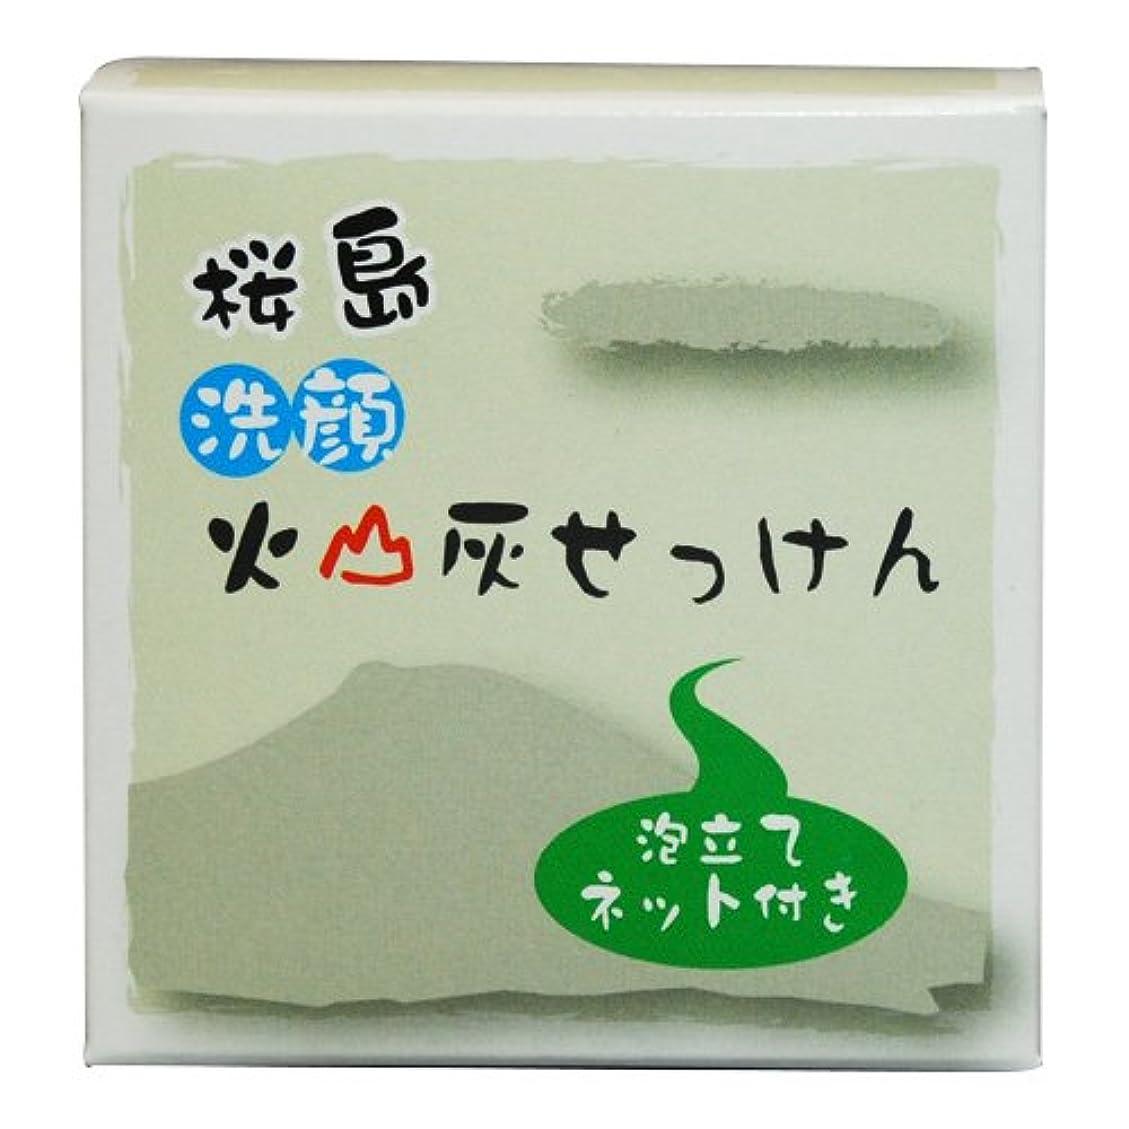 対立ロゴ証言桜島洗顔火山灰せっけん(泡立てネット付き)